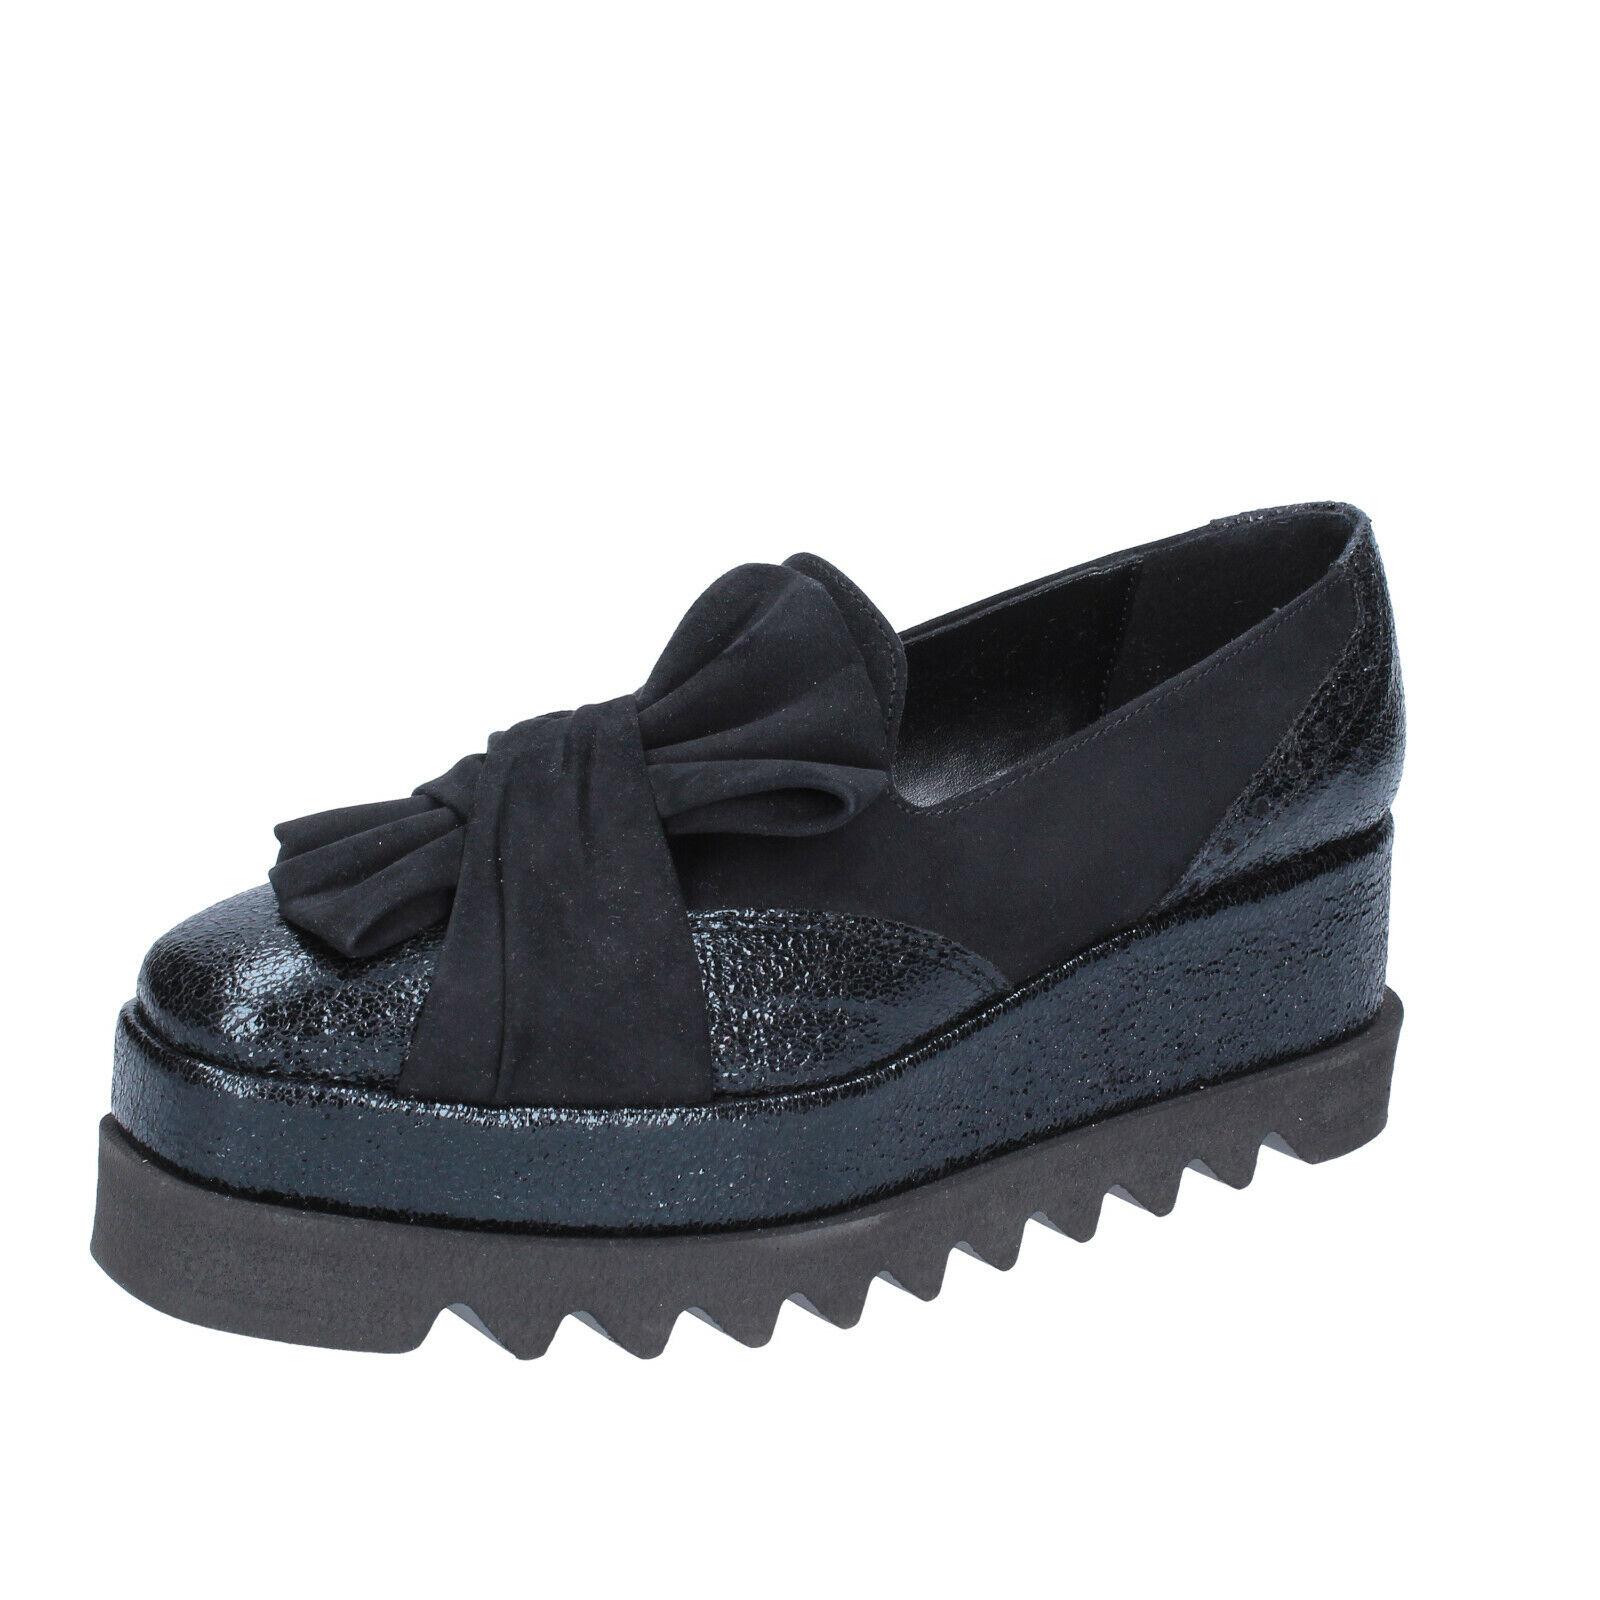 Chaussures femmes Olga Rubini 10 (UE 40) Mocassins en daim noir cuir BR149-40